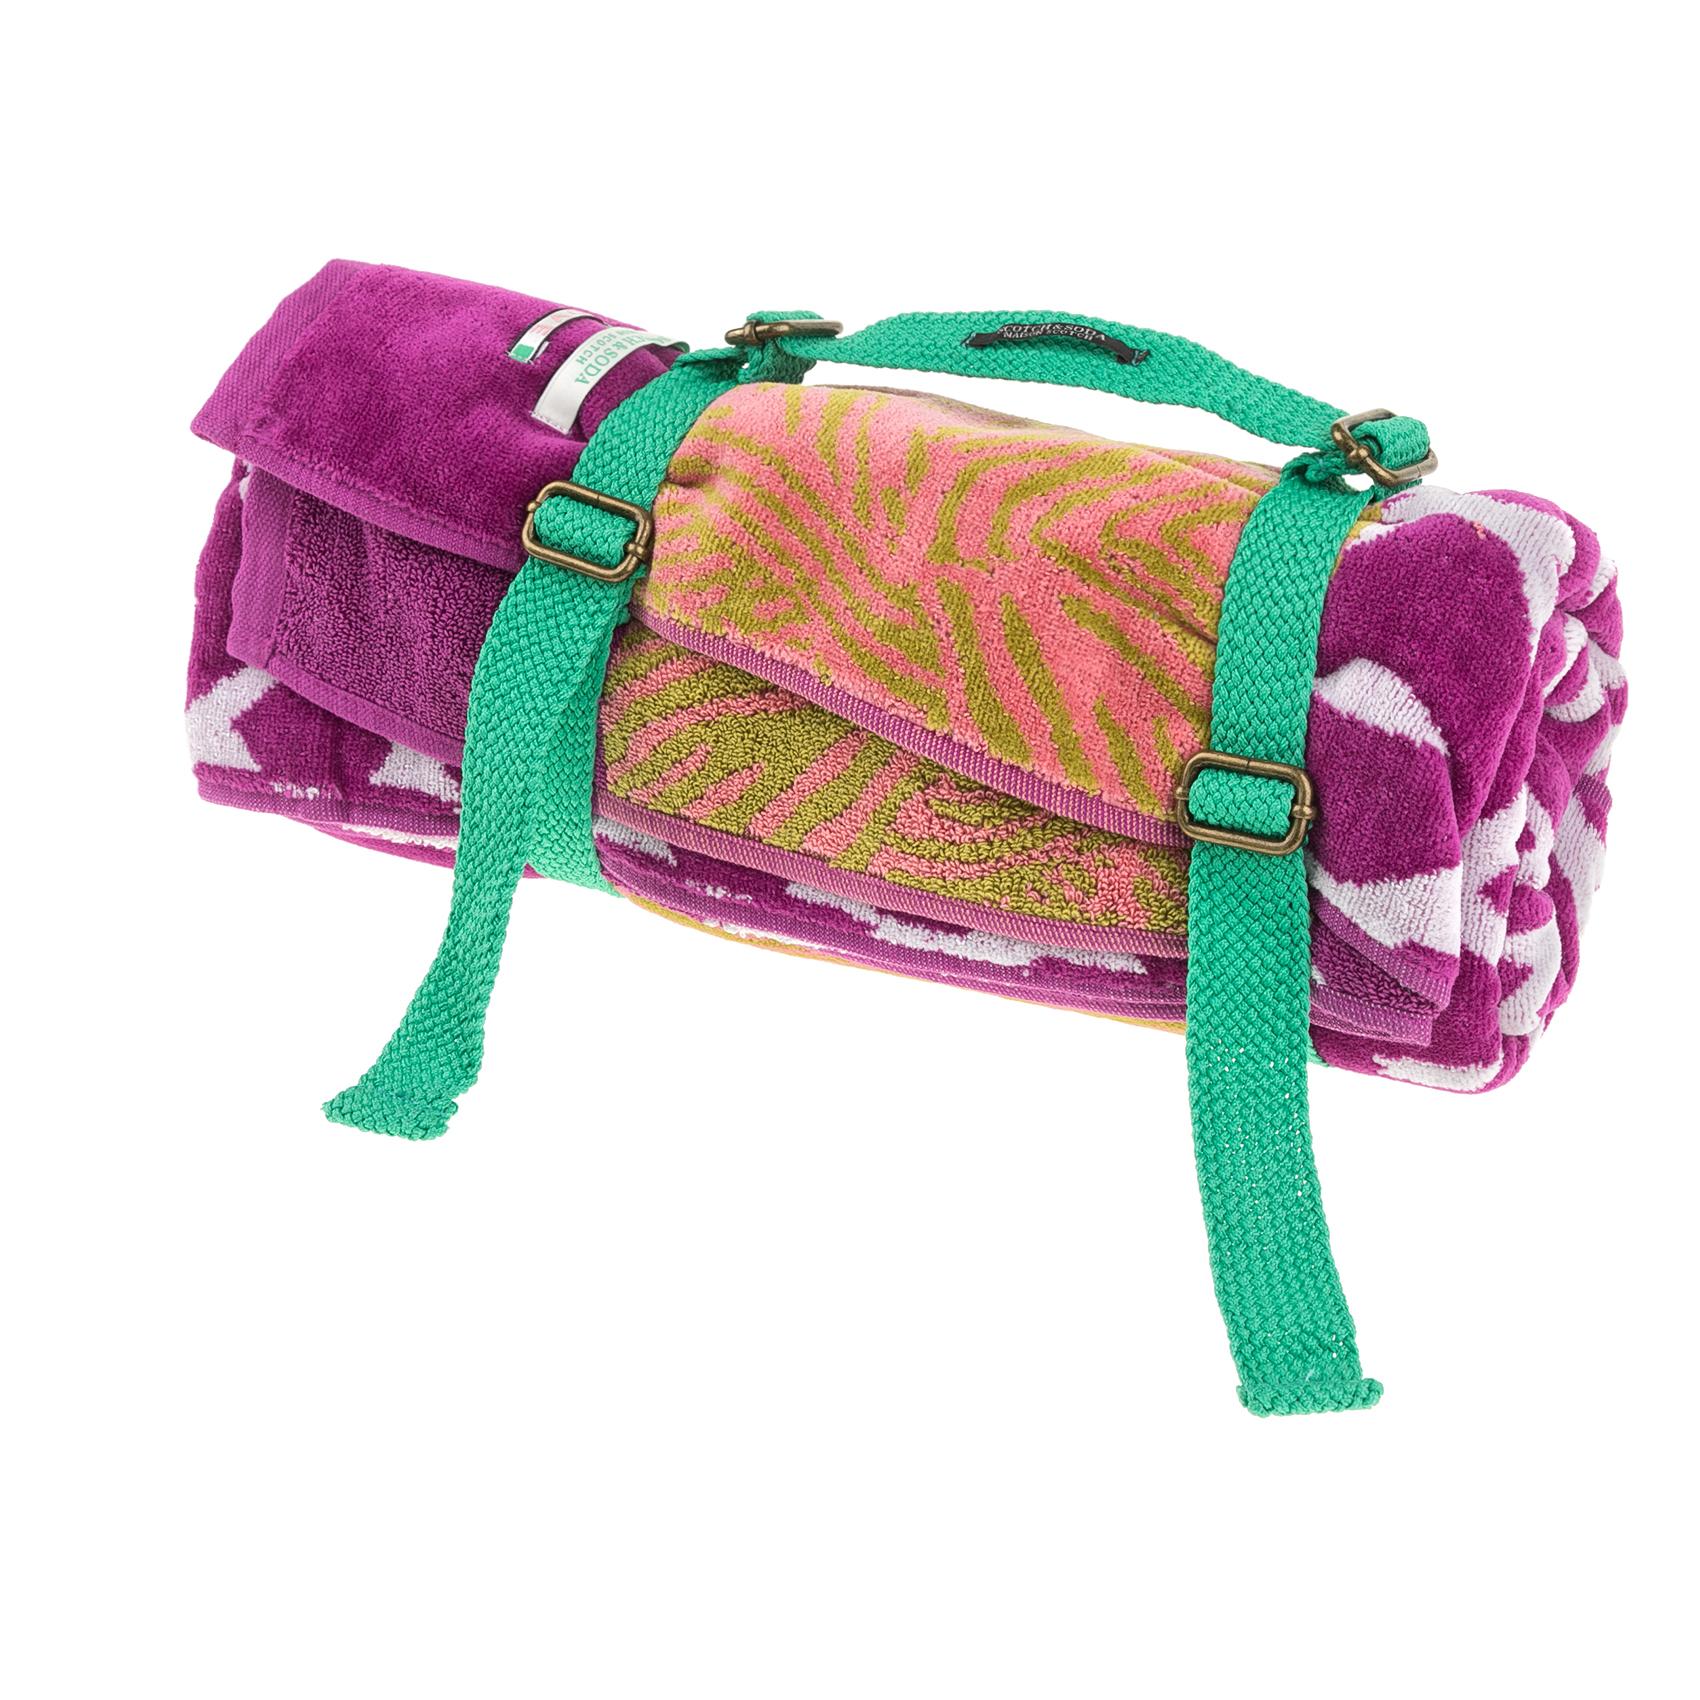 SCOTCH & SODA - Πετσέτα θαλάσσης SCOTCH & SODA μοβ-πορτοκαλί γυναικεία αξεσουάρ πετσέτες